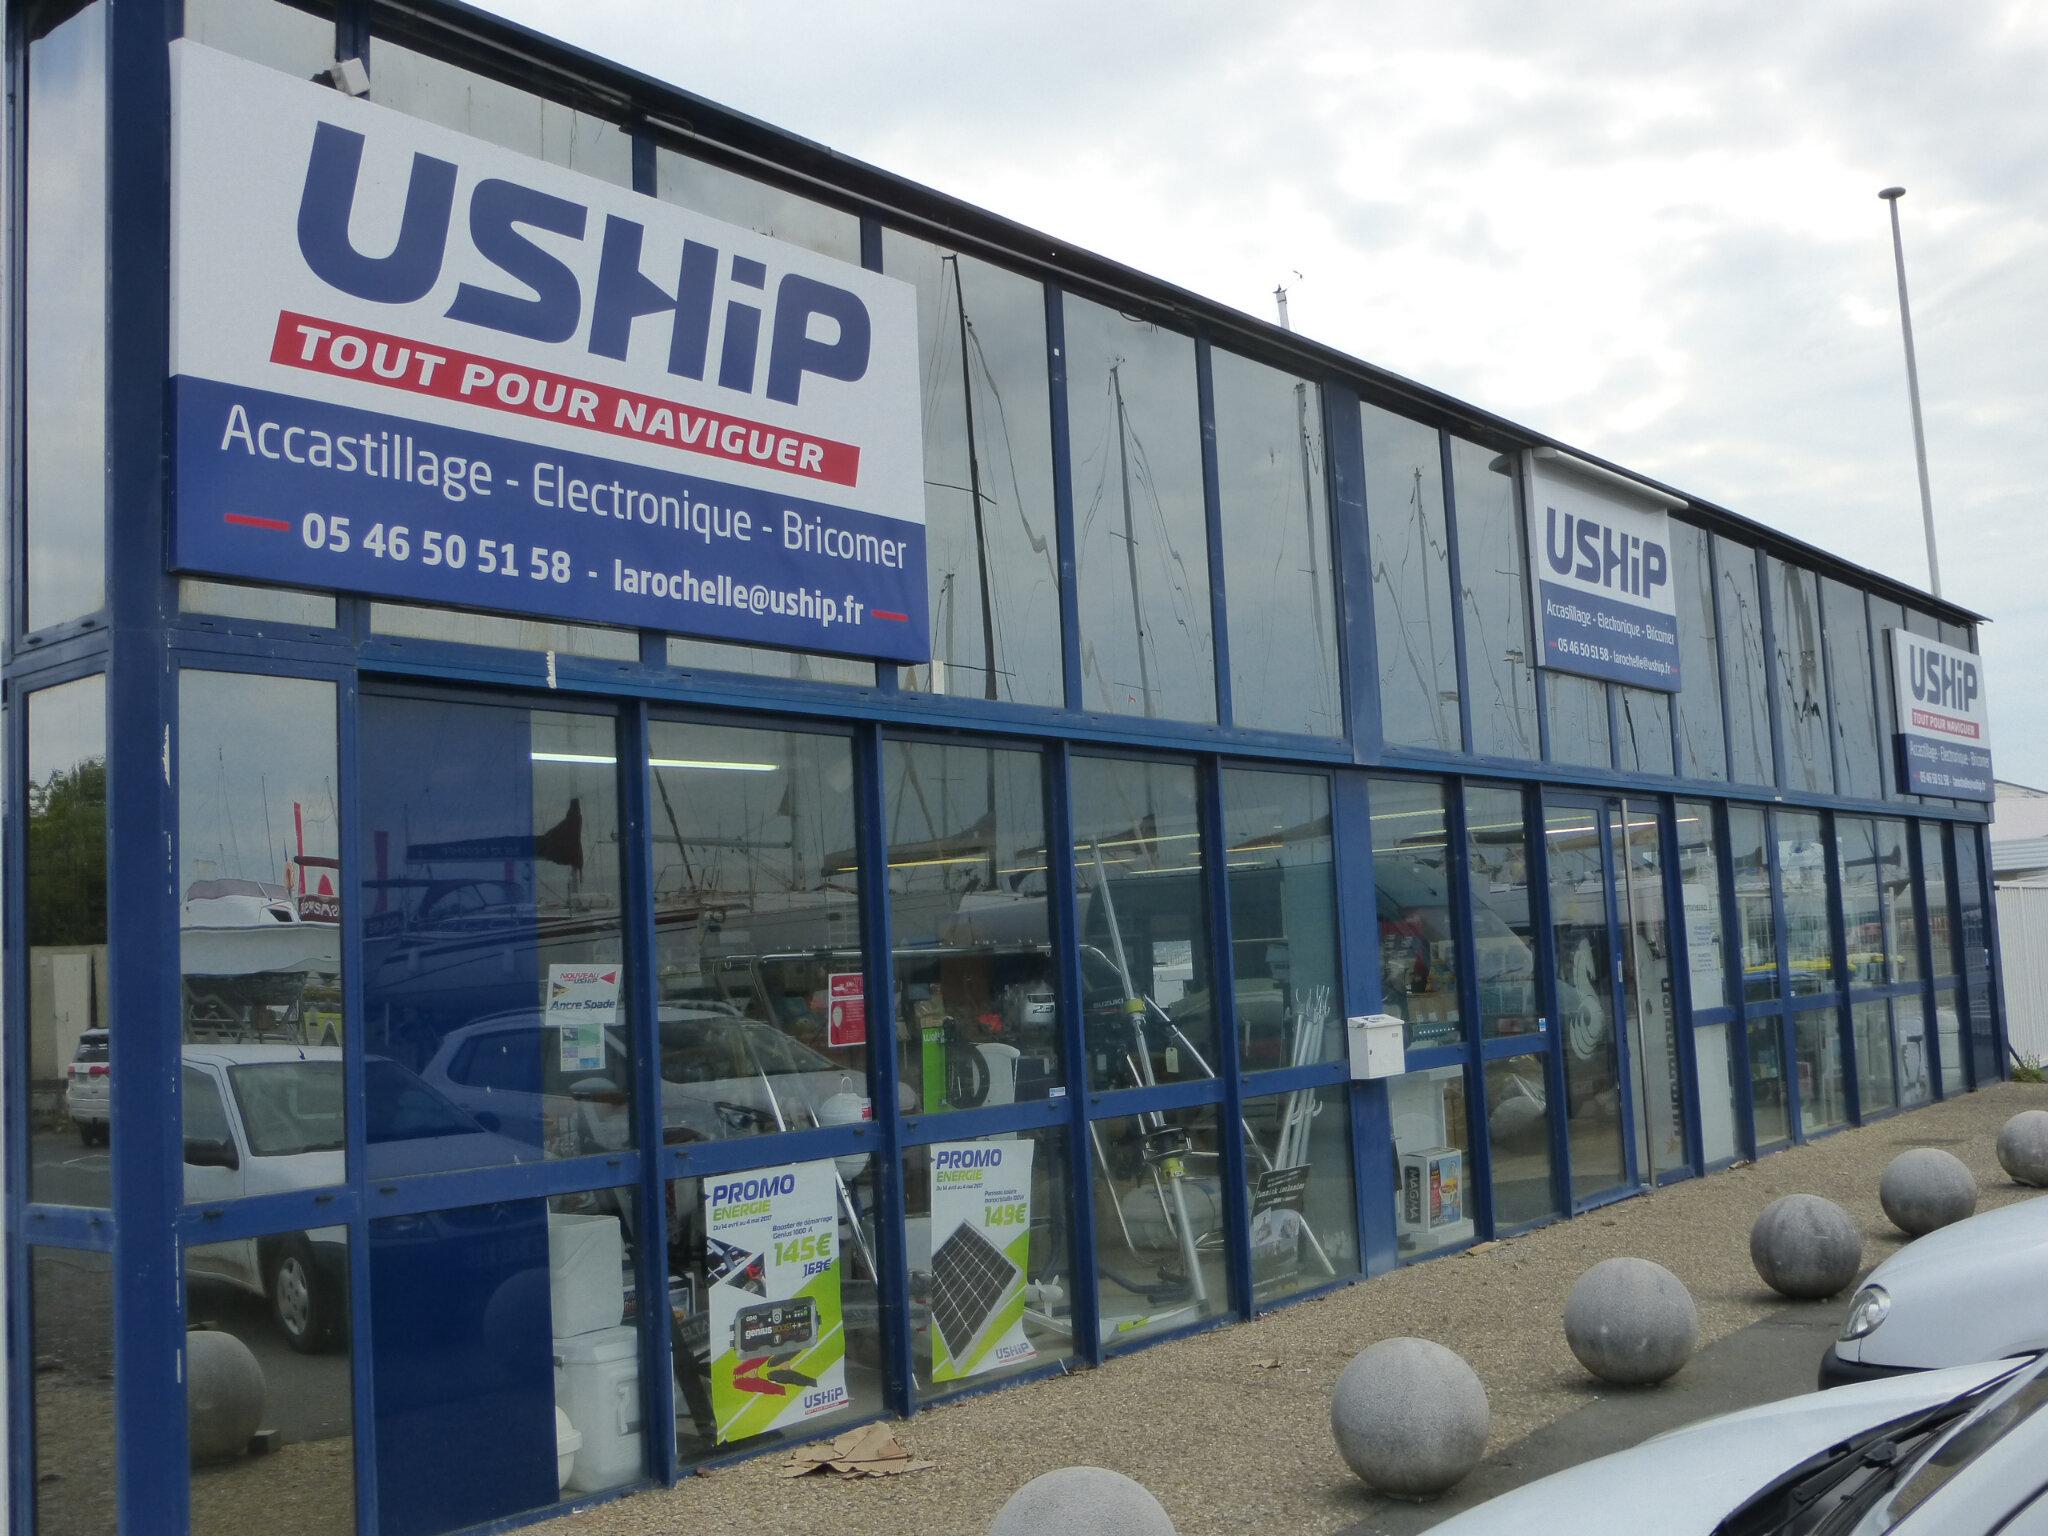 USHIP La Rochelle